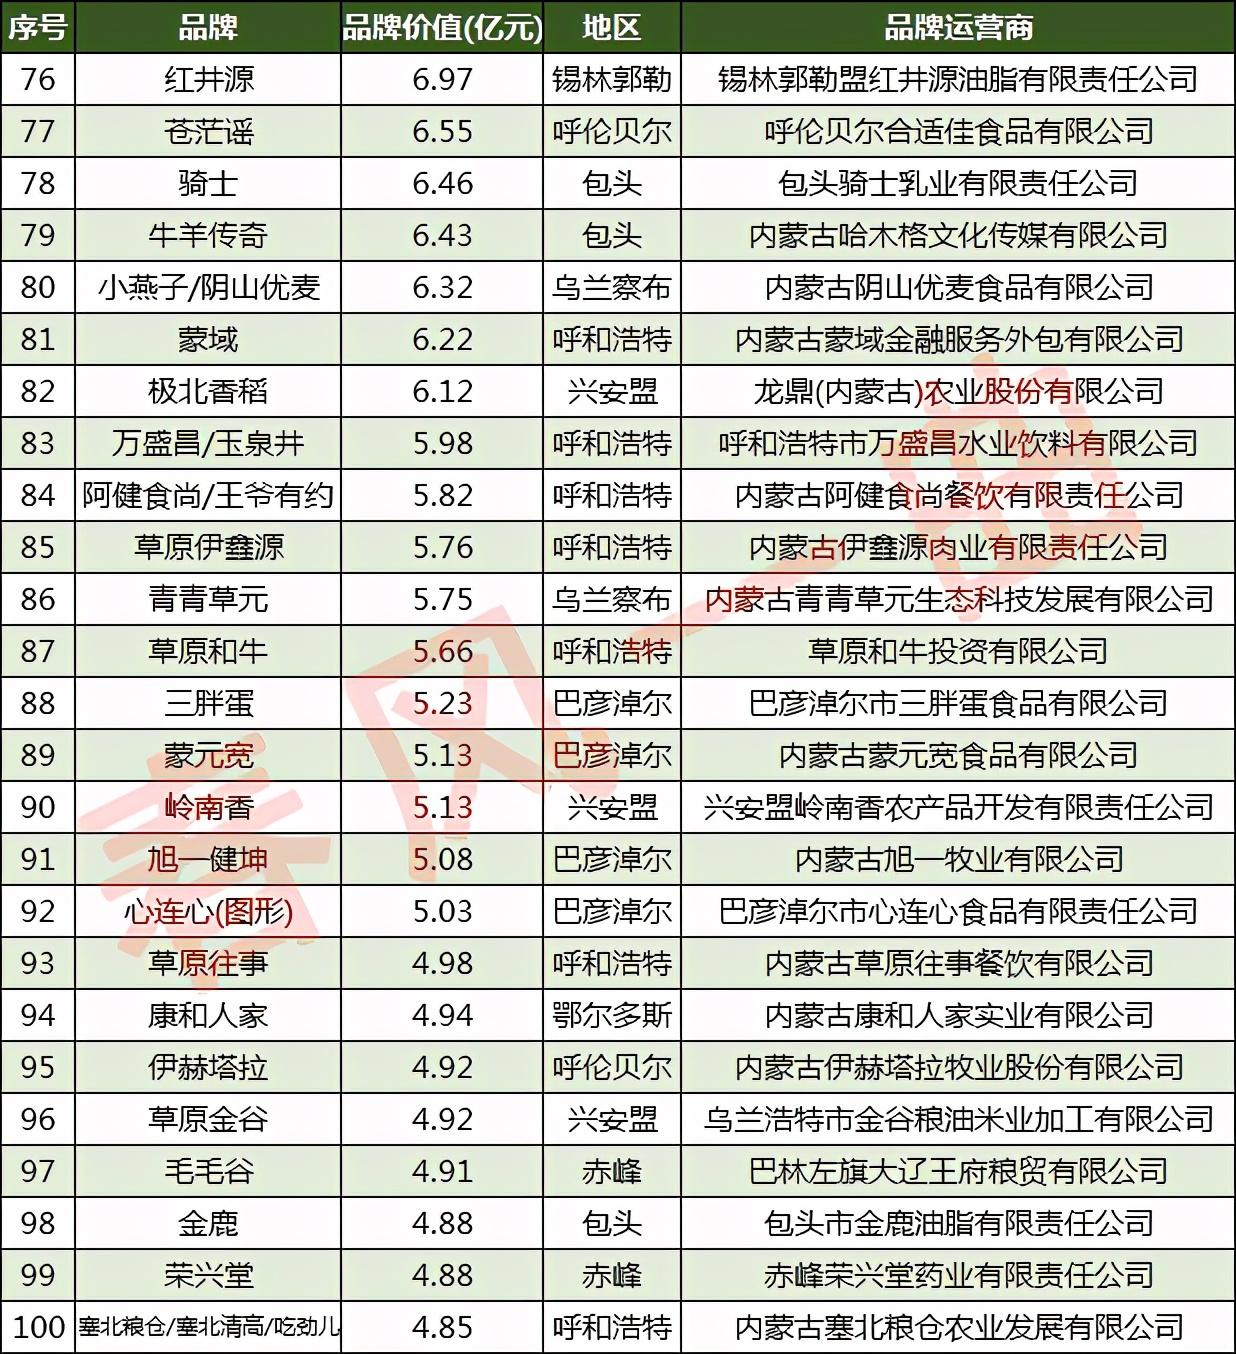 內蒙古100強品牌:呼和浩特24家,興安盟9家,通遼5家